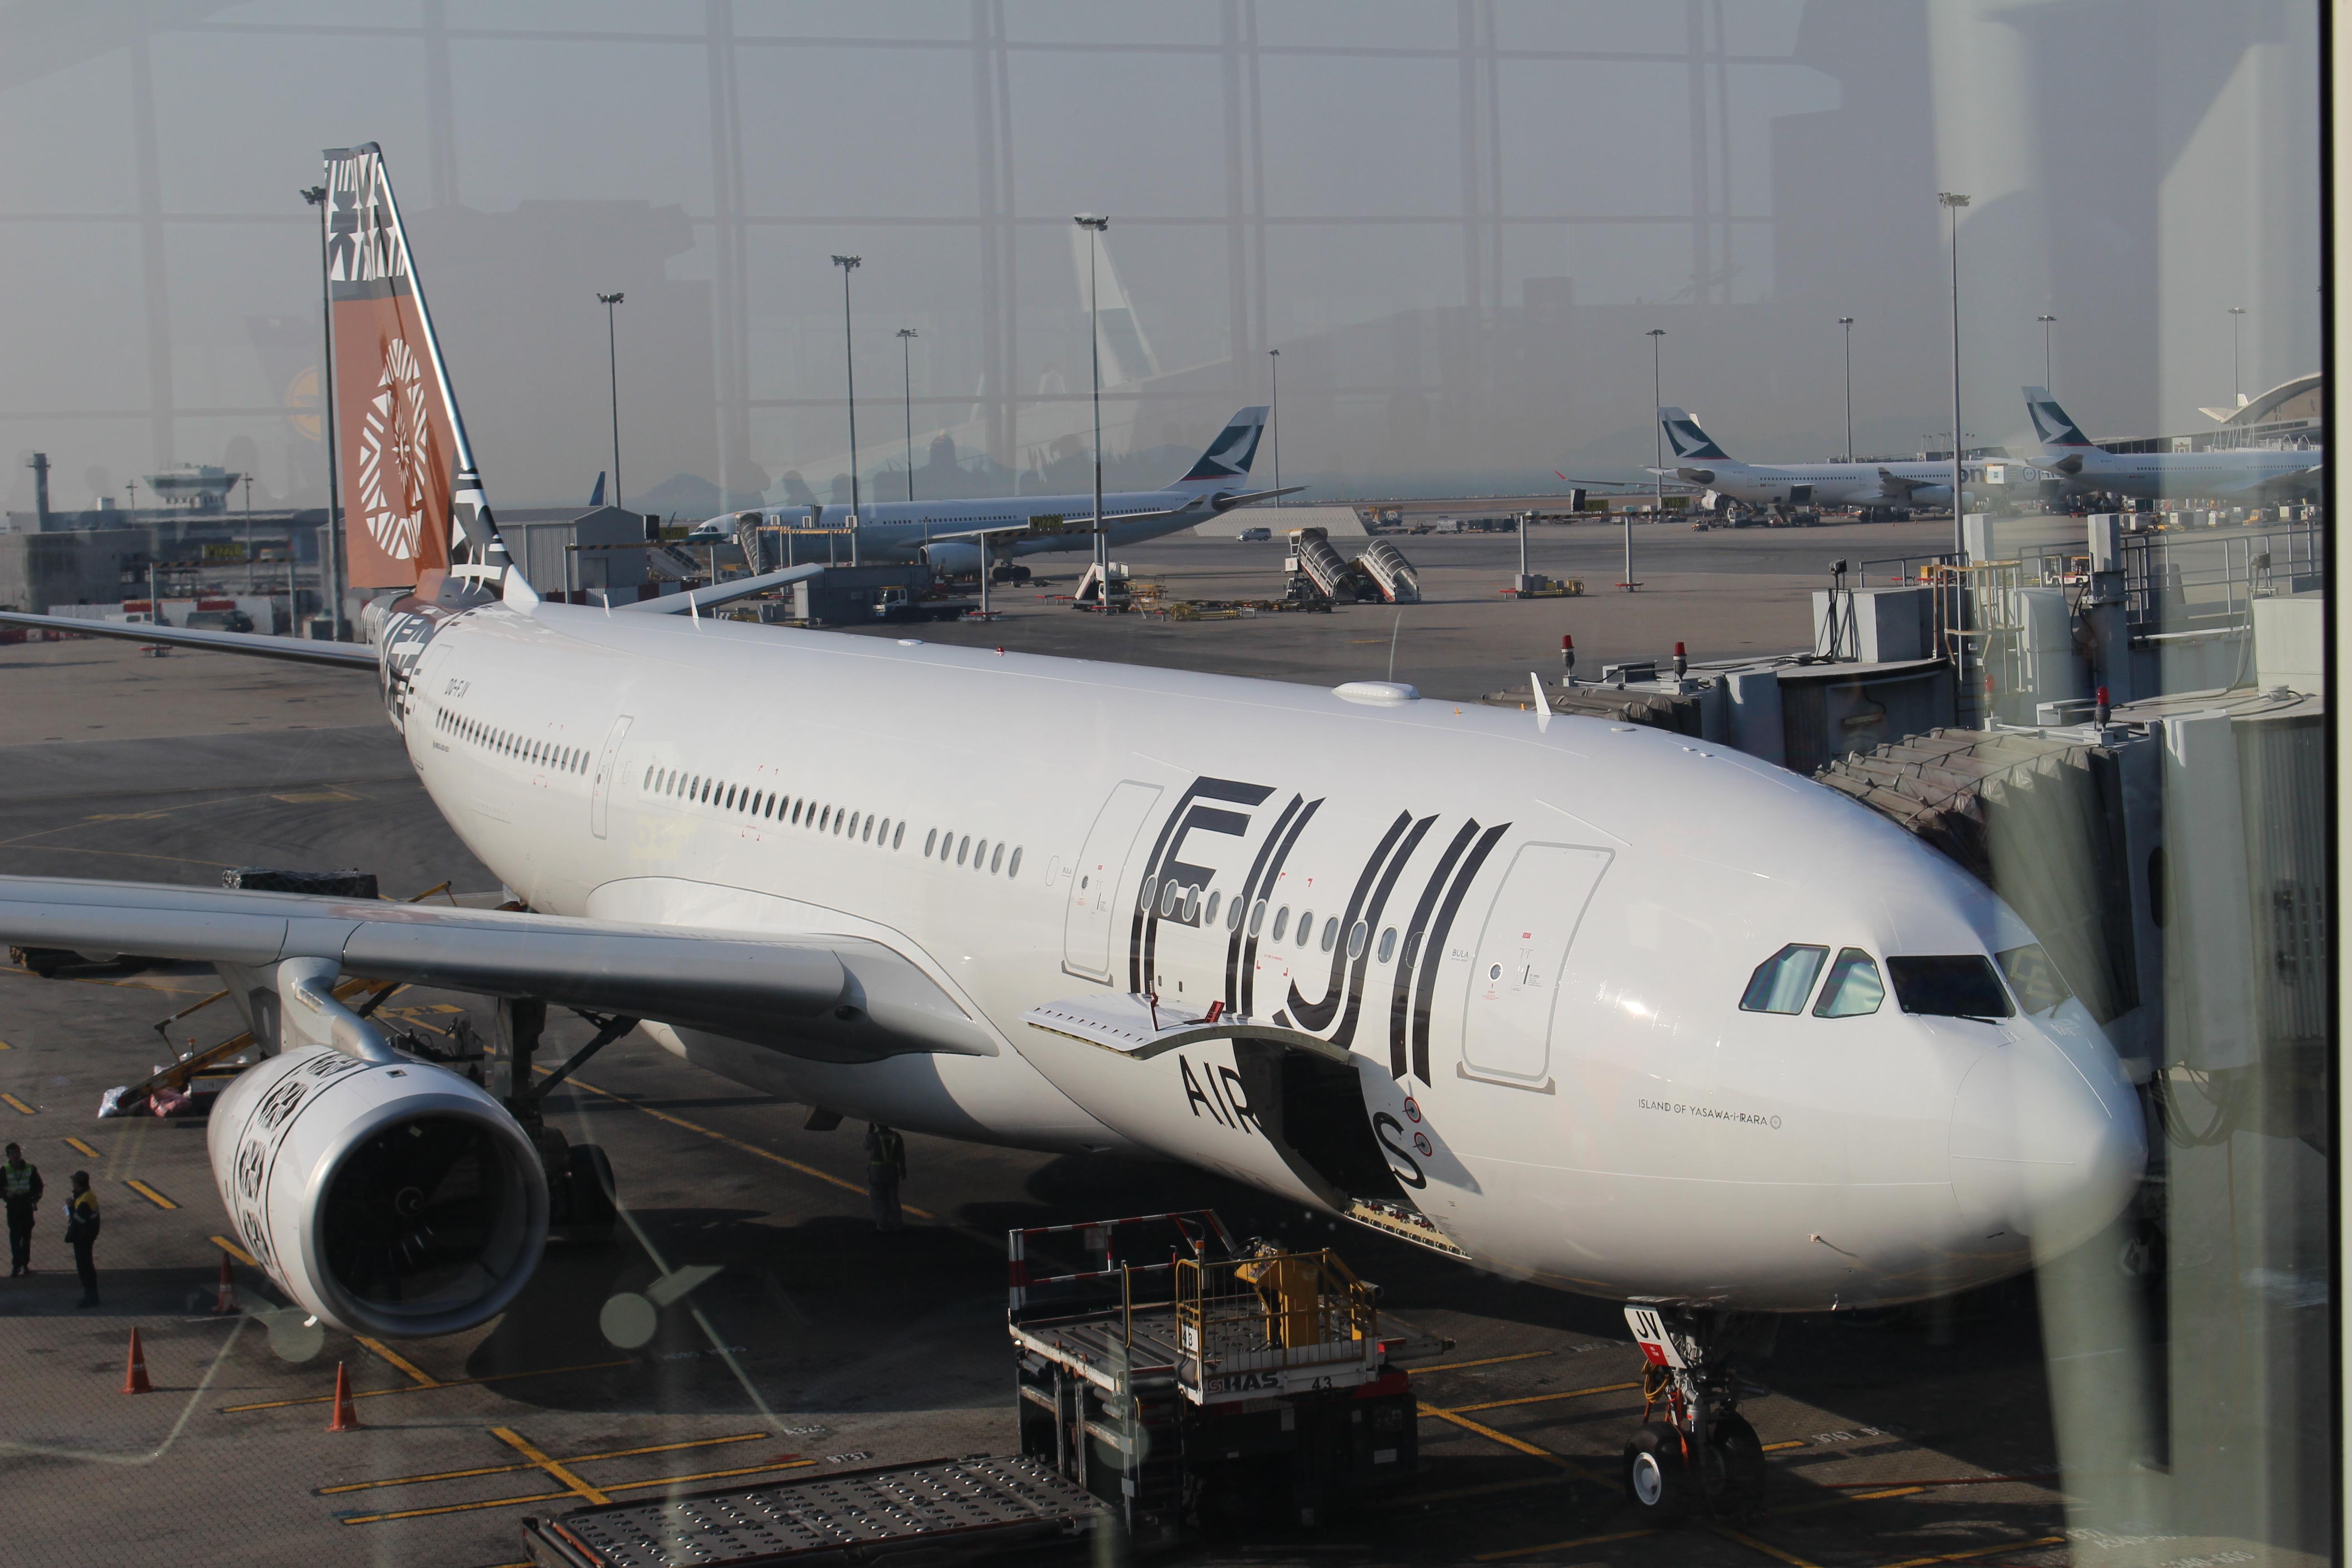 来到了香港机场~~~由于上海到斐济没有直达的航班